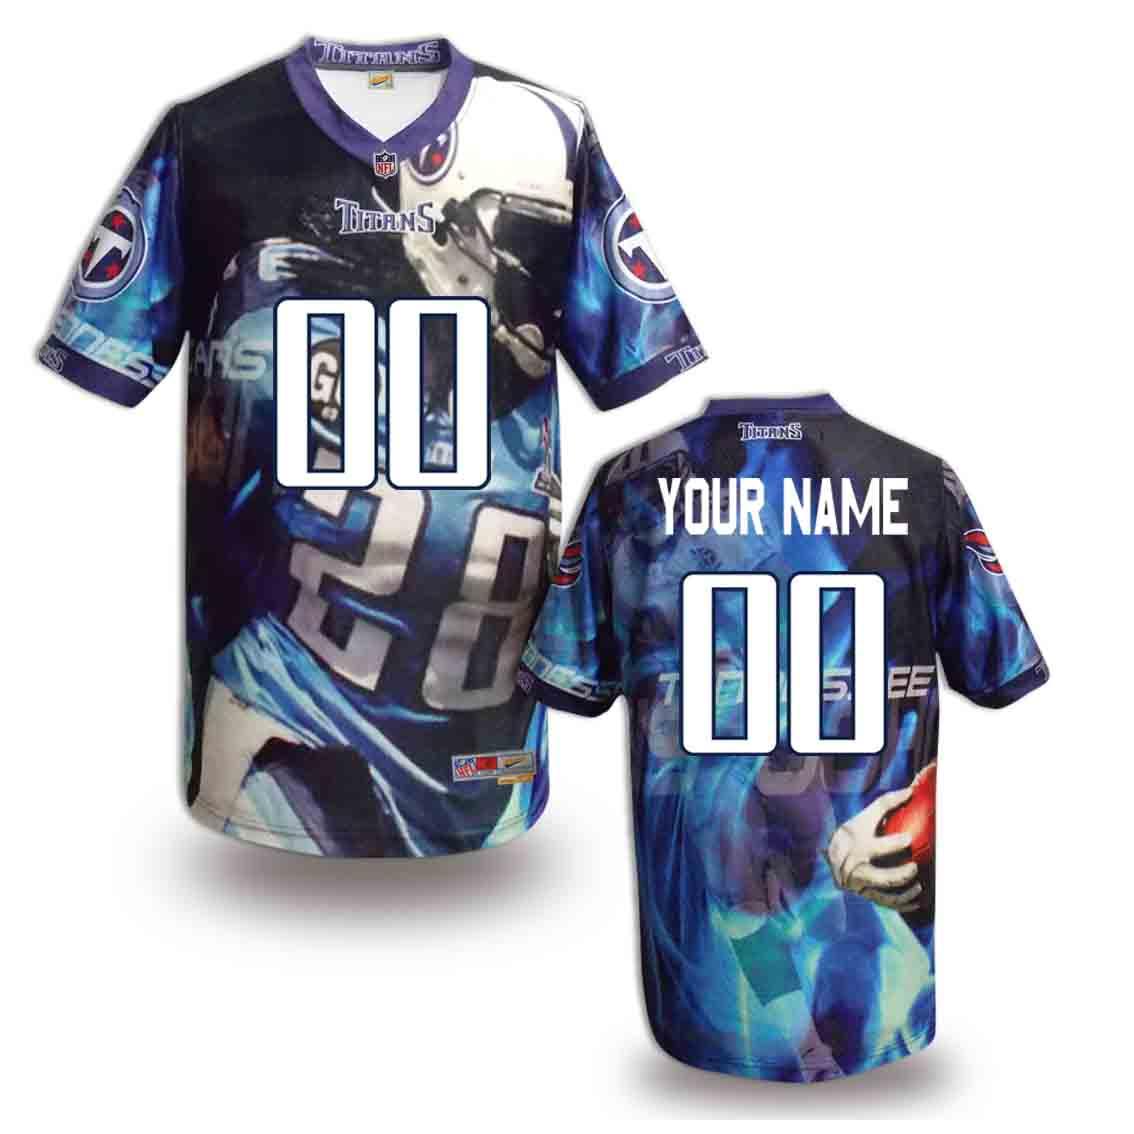 Nike Titans Customized Fashion Stitched Jerseys02